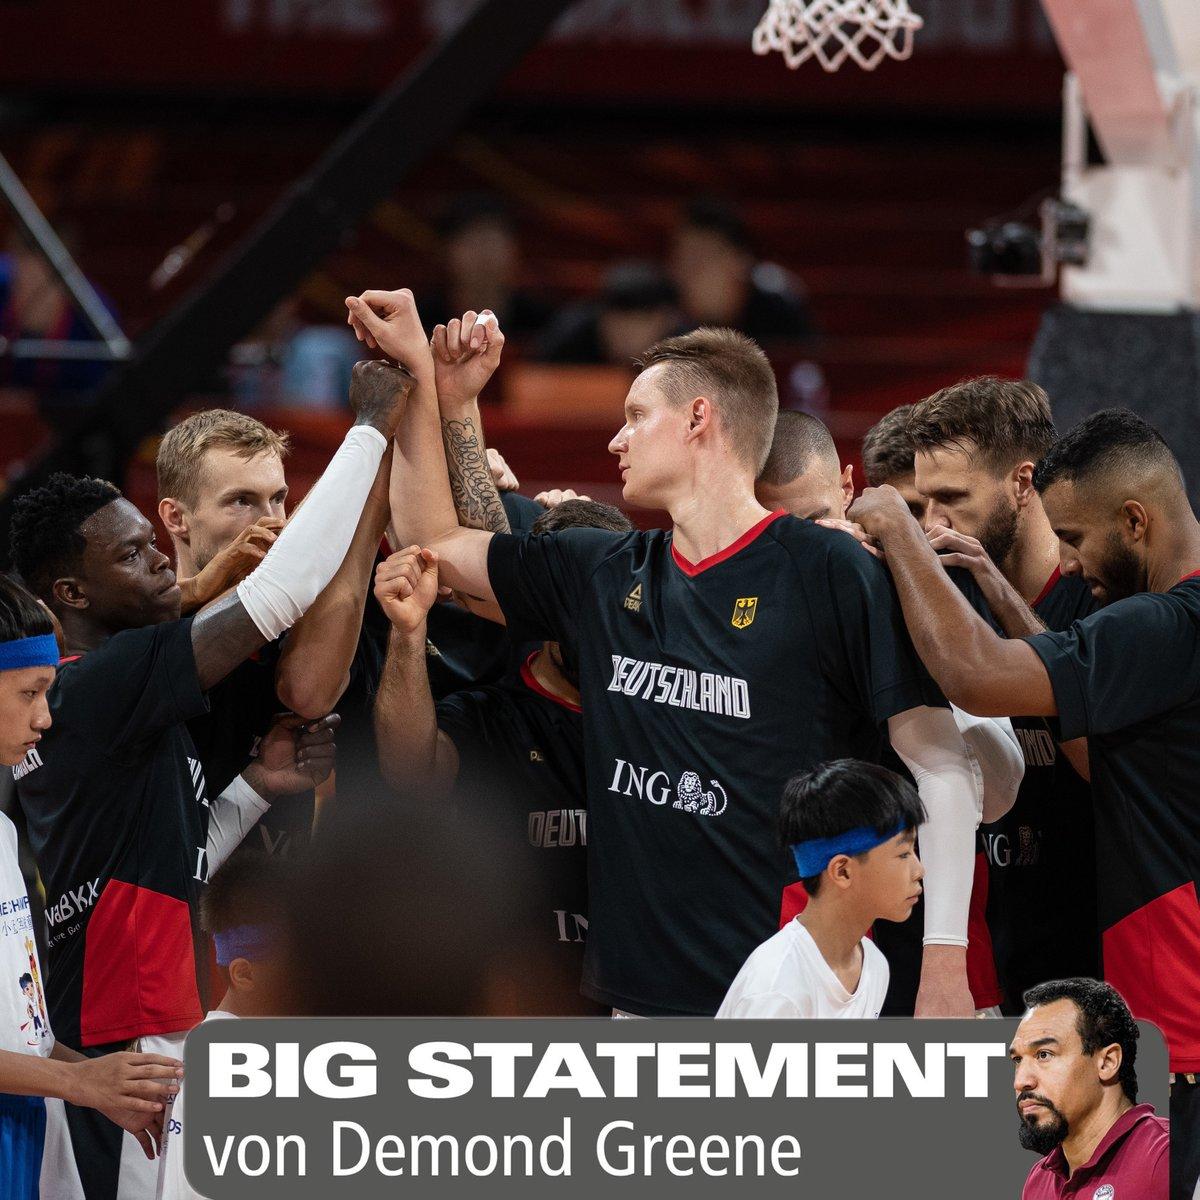 """#BIG Statement: """"Wir brauchen mehr Leadertypen!"""" - BIG #Experte @GreeneDemond über die  Nationalmannschaft.   Das vollständige #Statement gibt's auf unserer Facebook- & Instagram-Seite:   FB: http://bit.ly/Statement_Greene…  IG: http://bit.ly/Statement_Greene_IG…pic.twitter.com/XTaeto0MUf"""